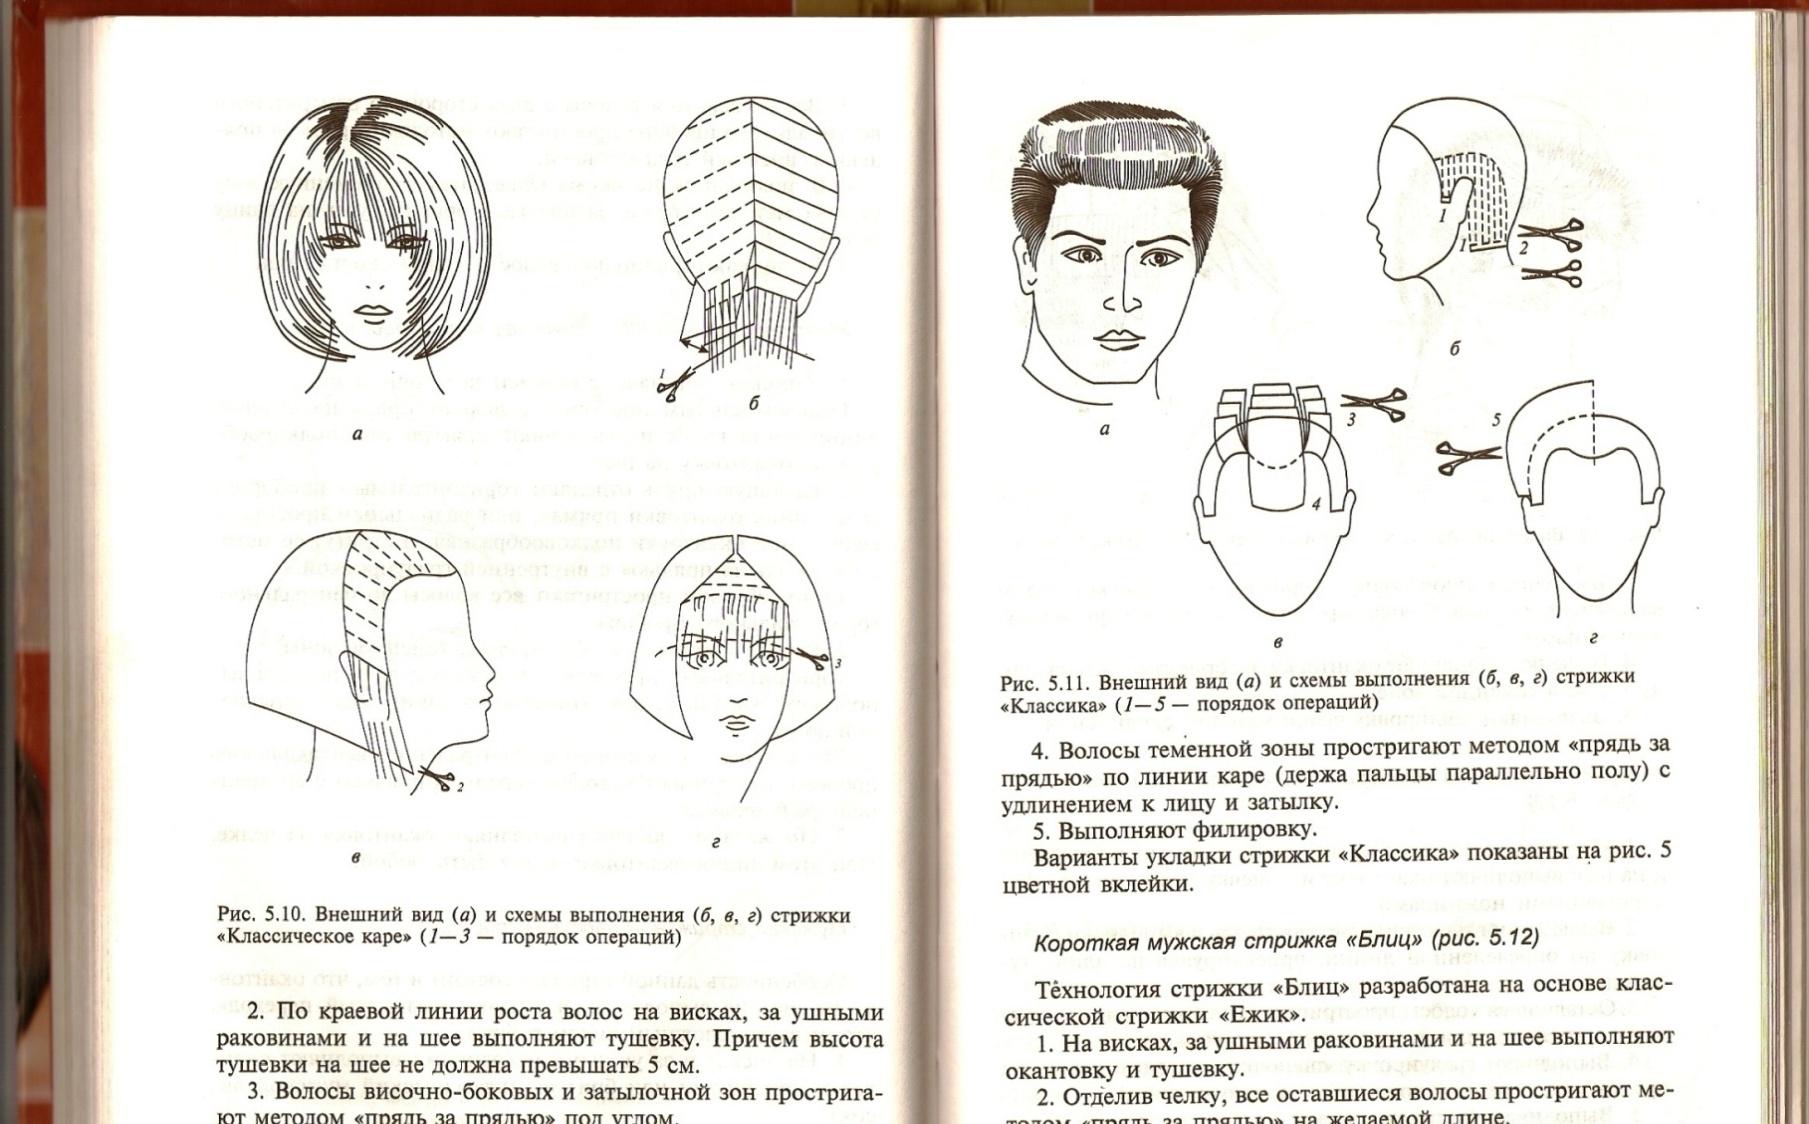 Зощенко великие путешественники картинки образцах